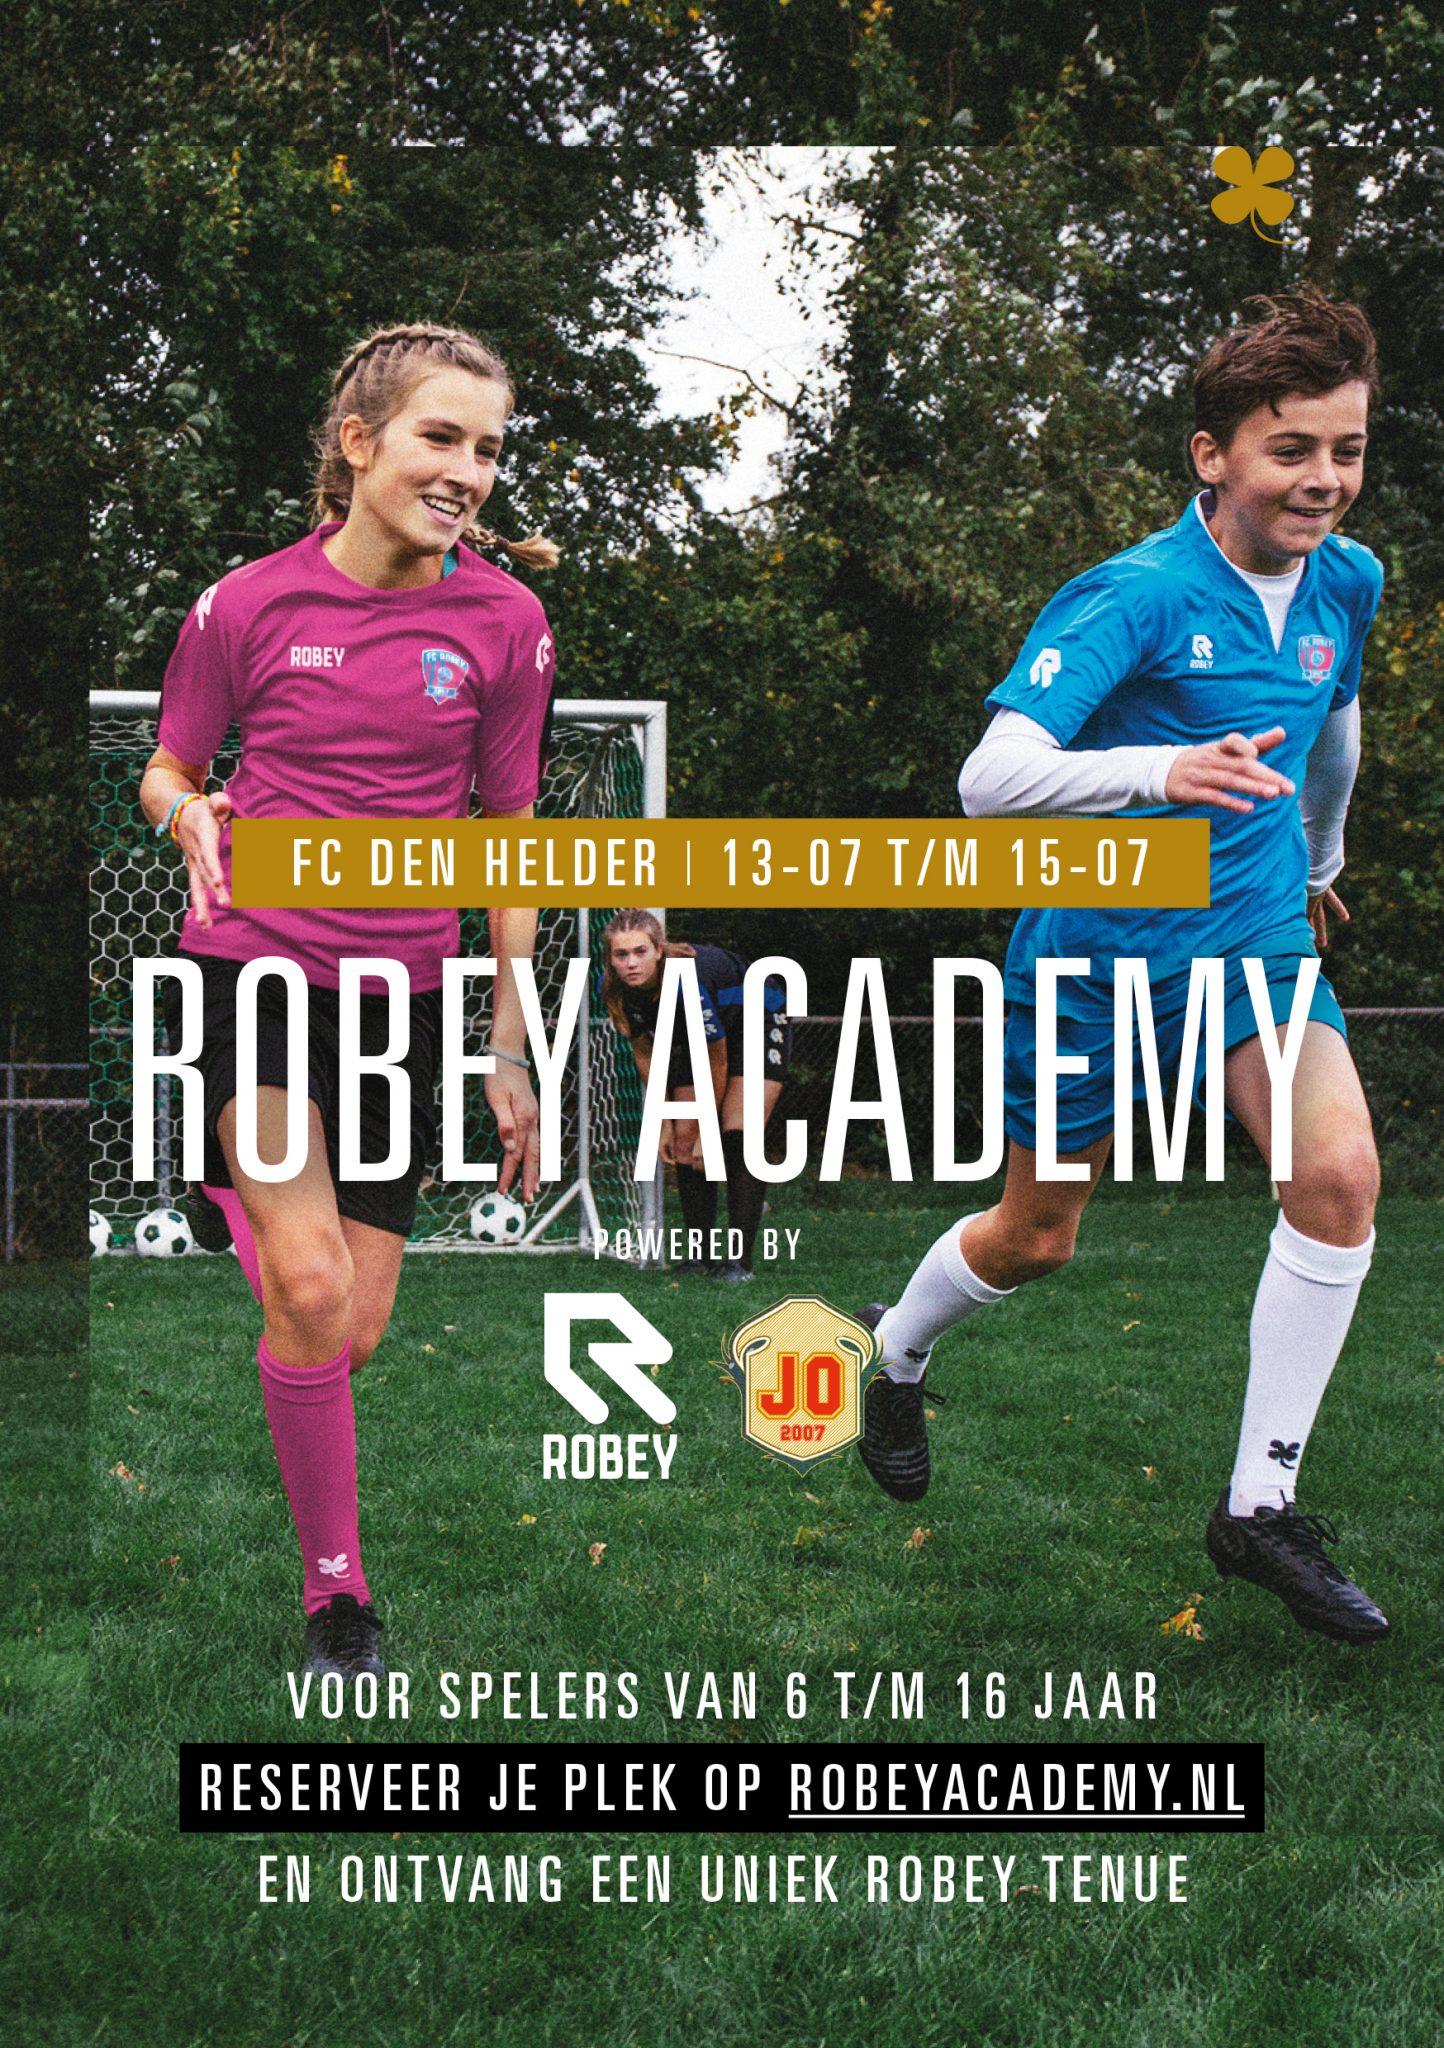 Robey Academie gaat helaas niet door!